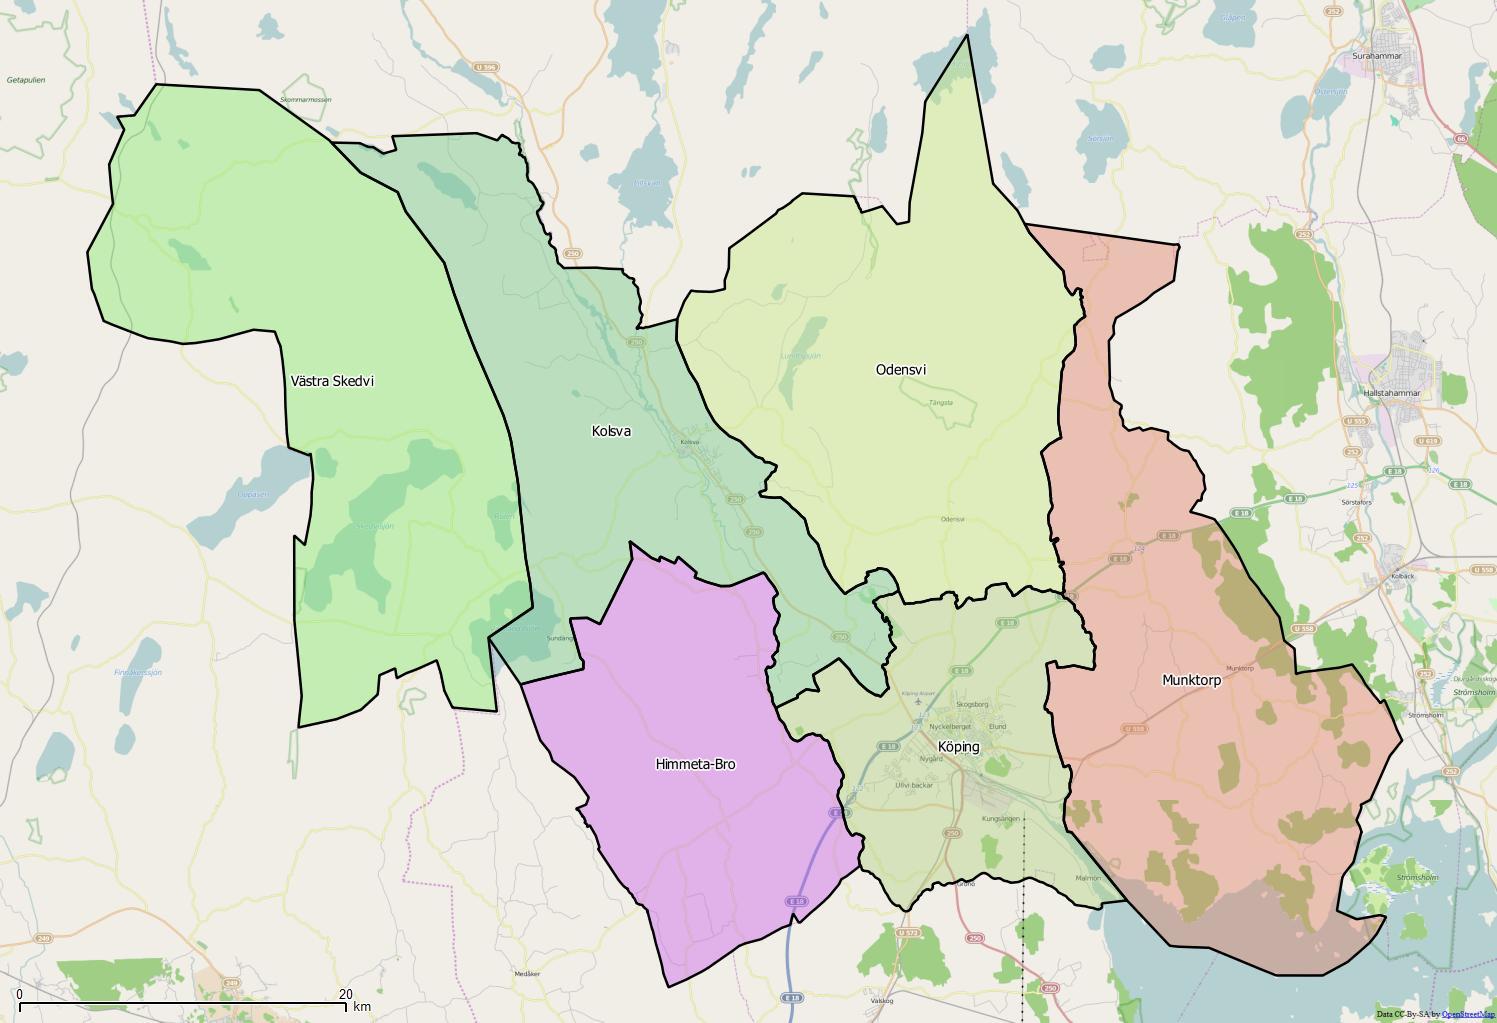 Munktorps Distrikt Wikipedia